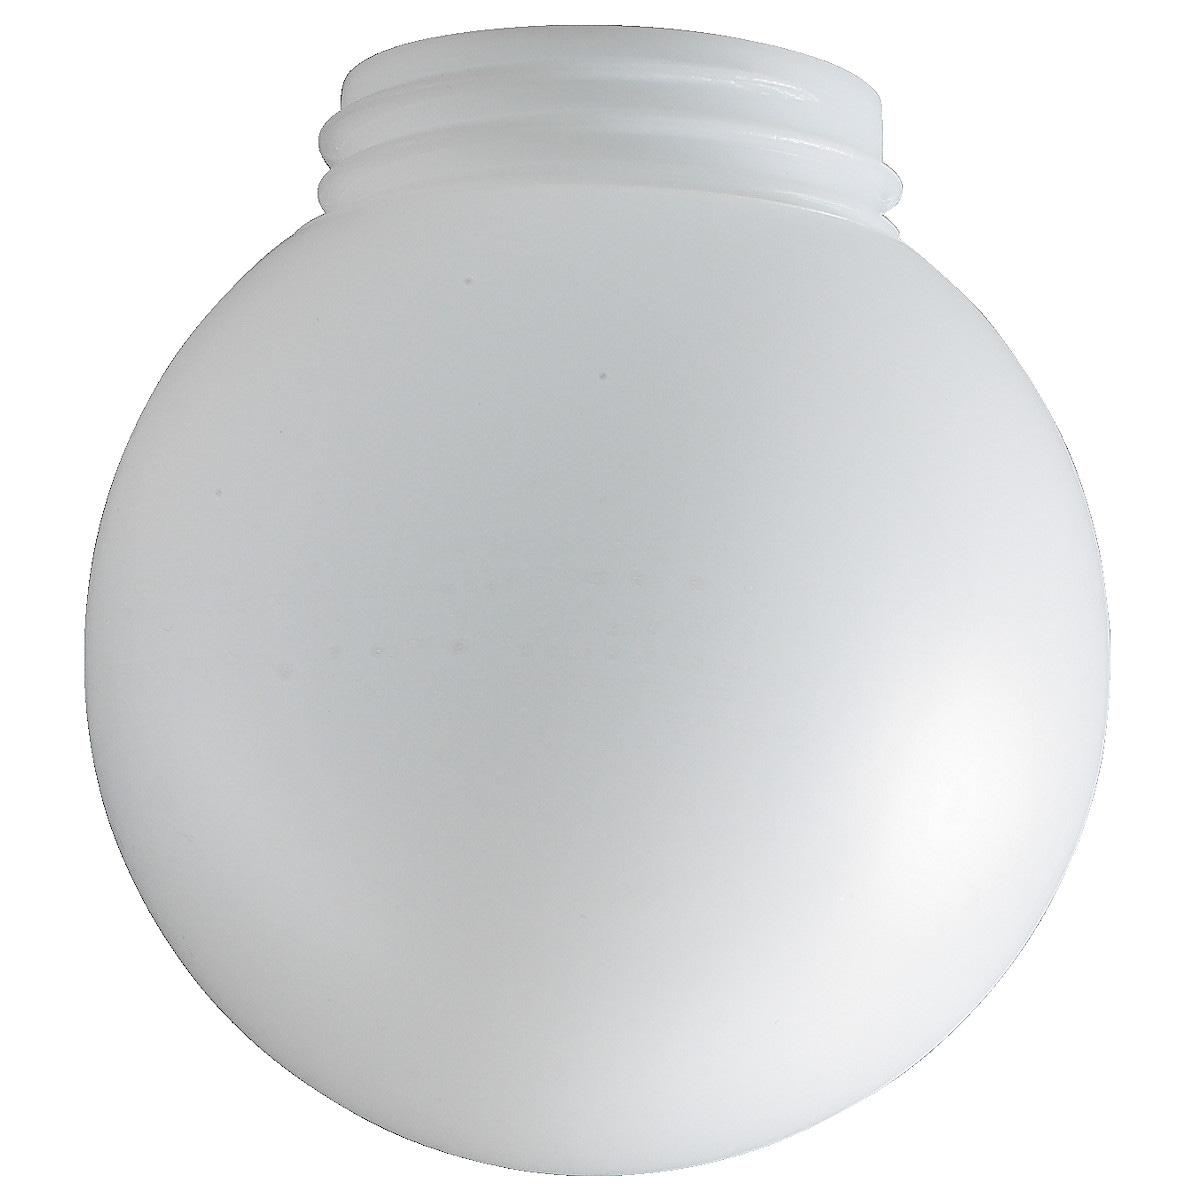 Lampglob